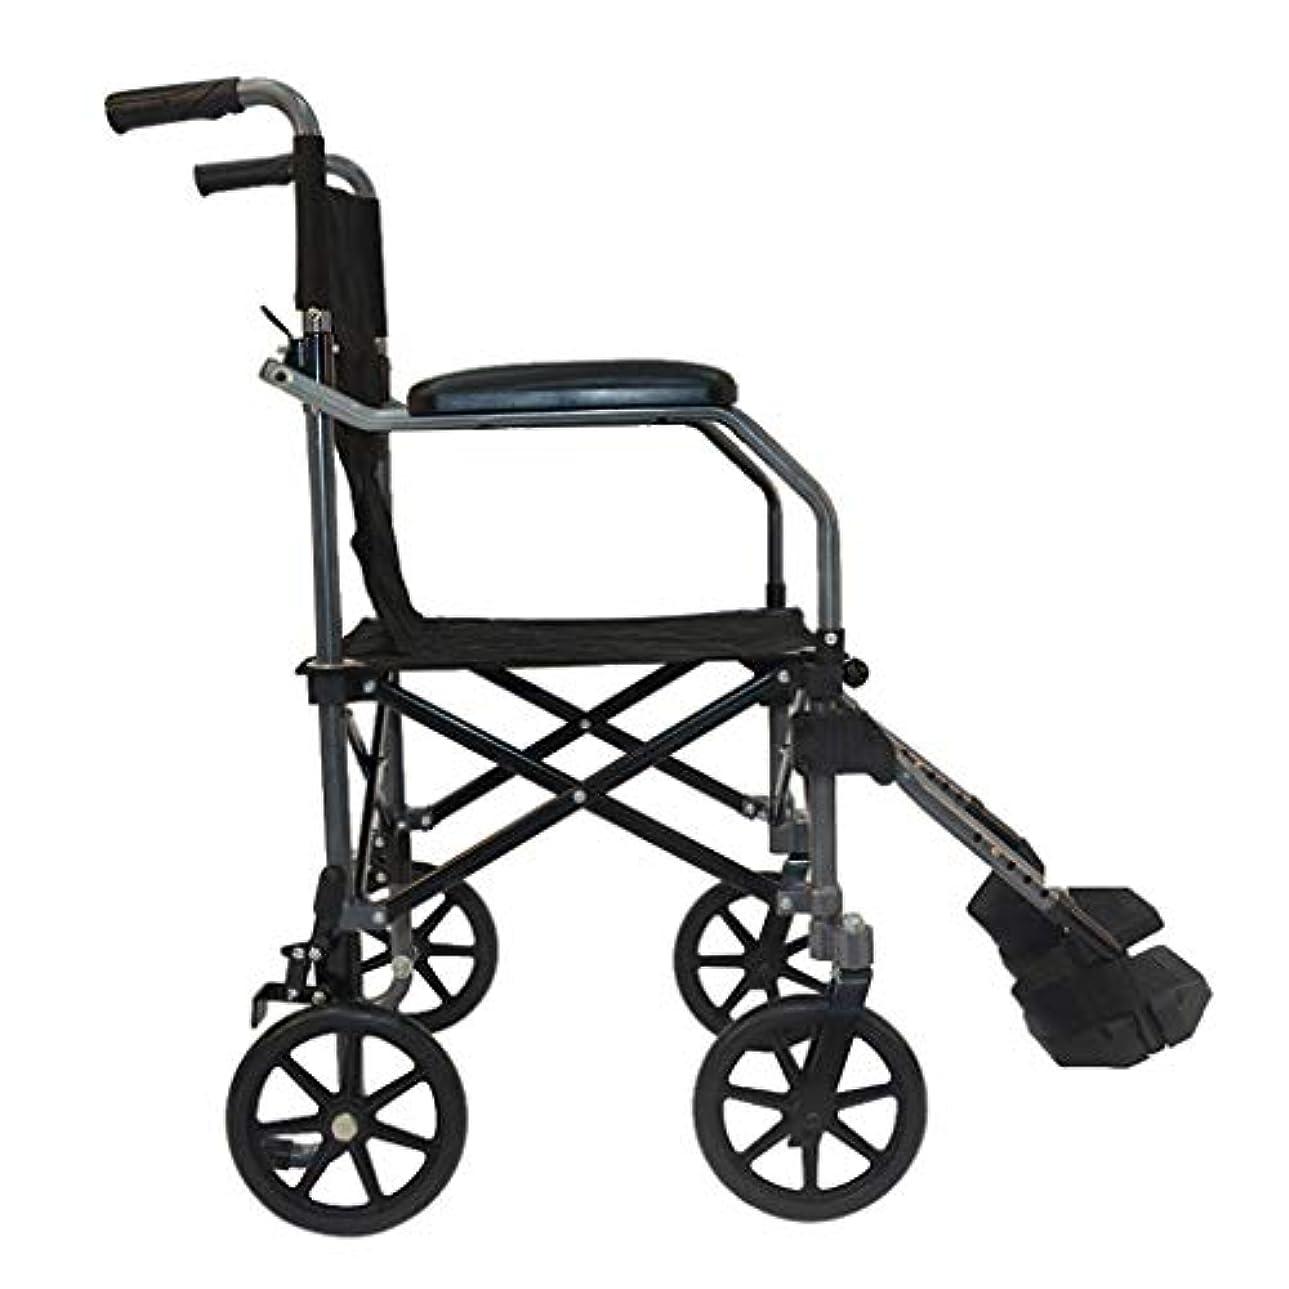 飽和する電化するマルクス主義者高齢者の屋外旅行トロリーに適した手動車椅子、折りたたみアルミニウム合金車椅子